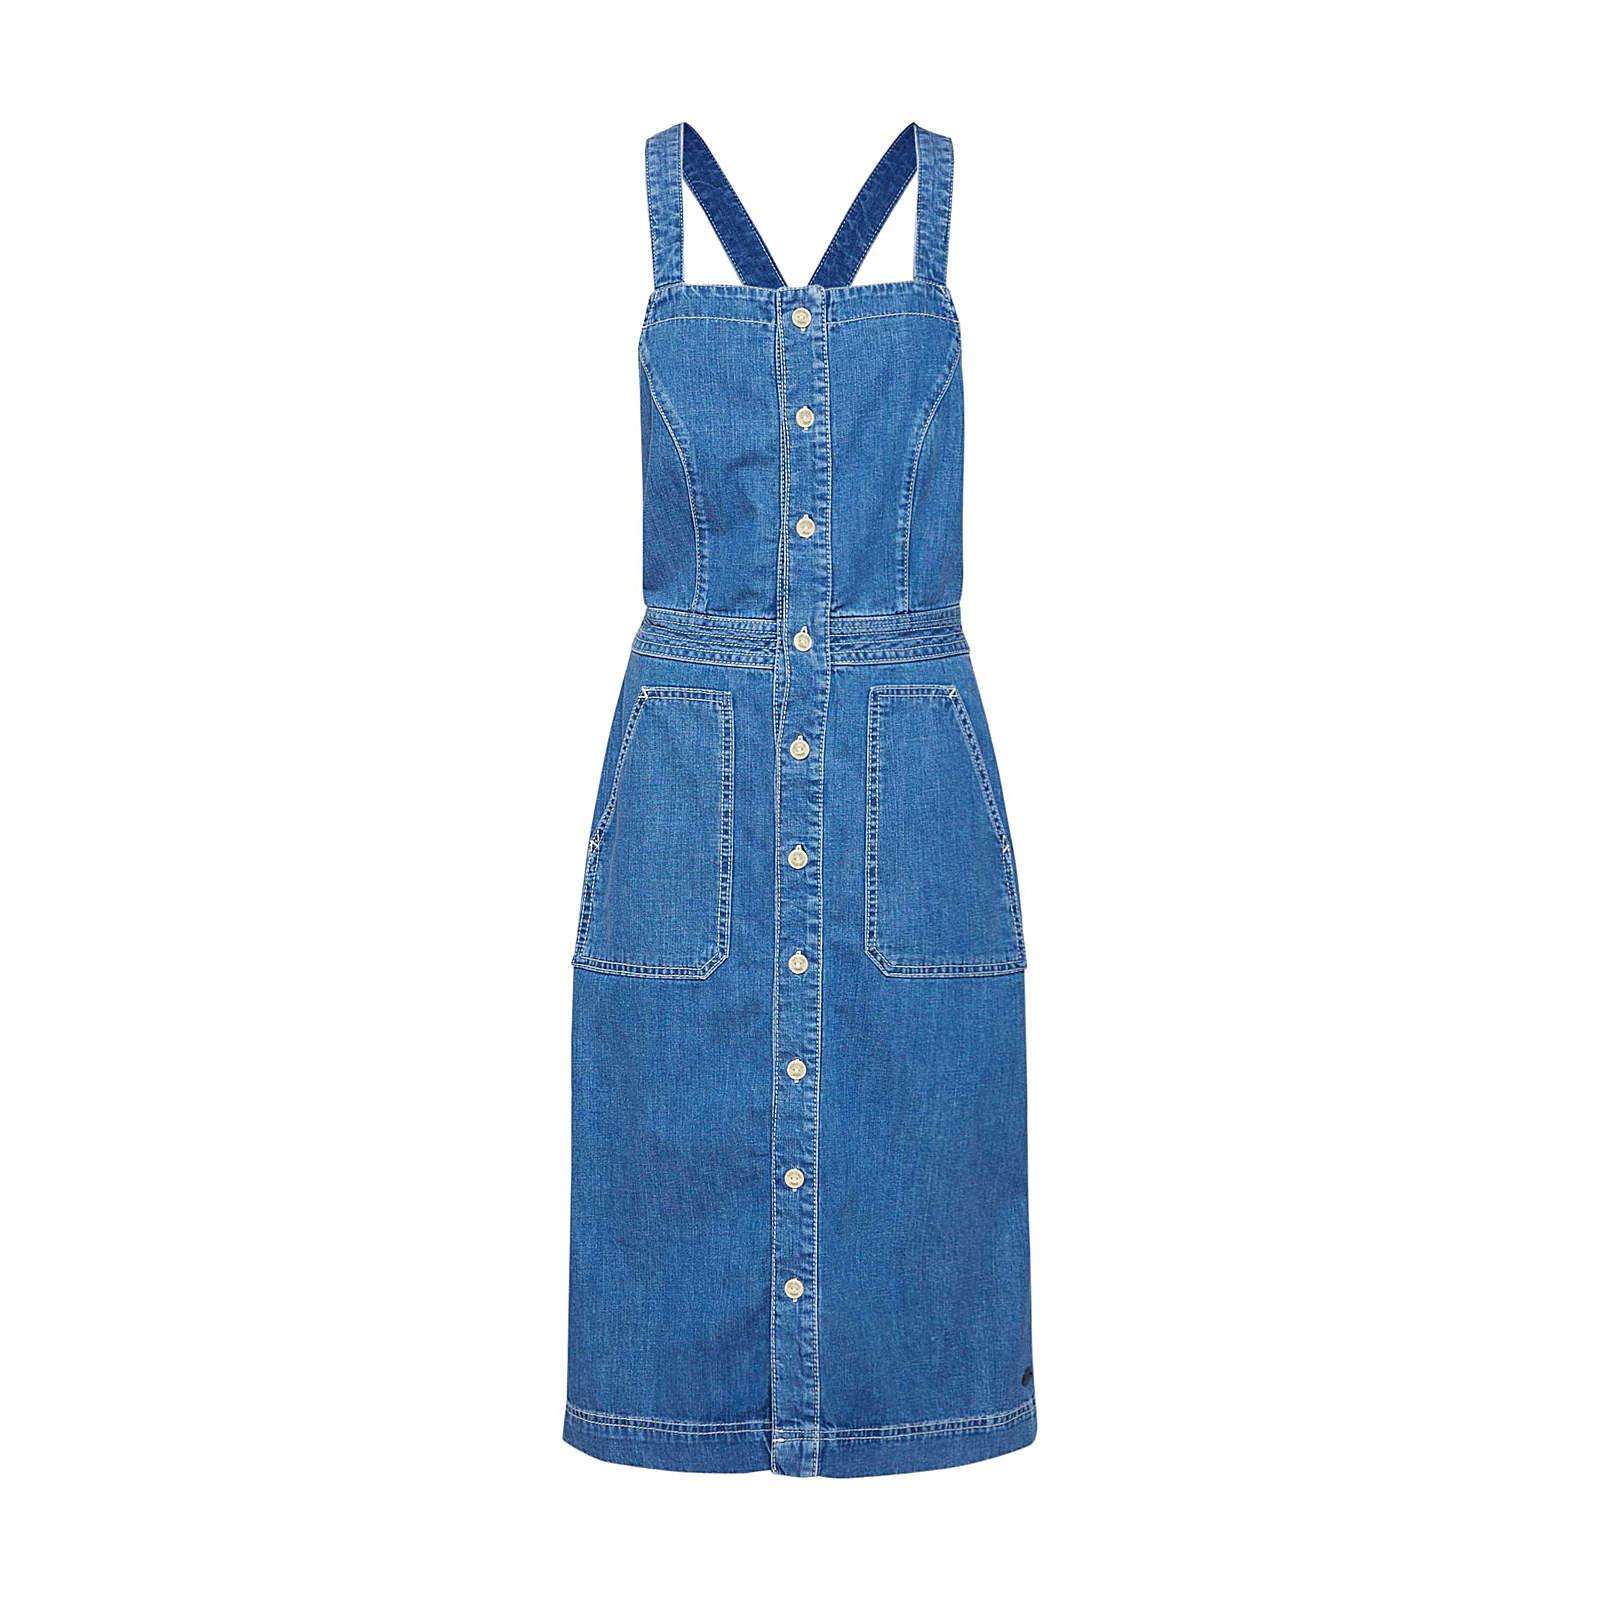 Pepe Jeans Kleid Jenny Jeanskleider blue denim Damen Gr. 40